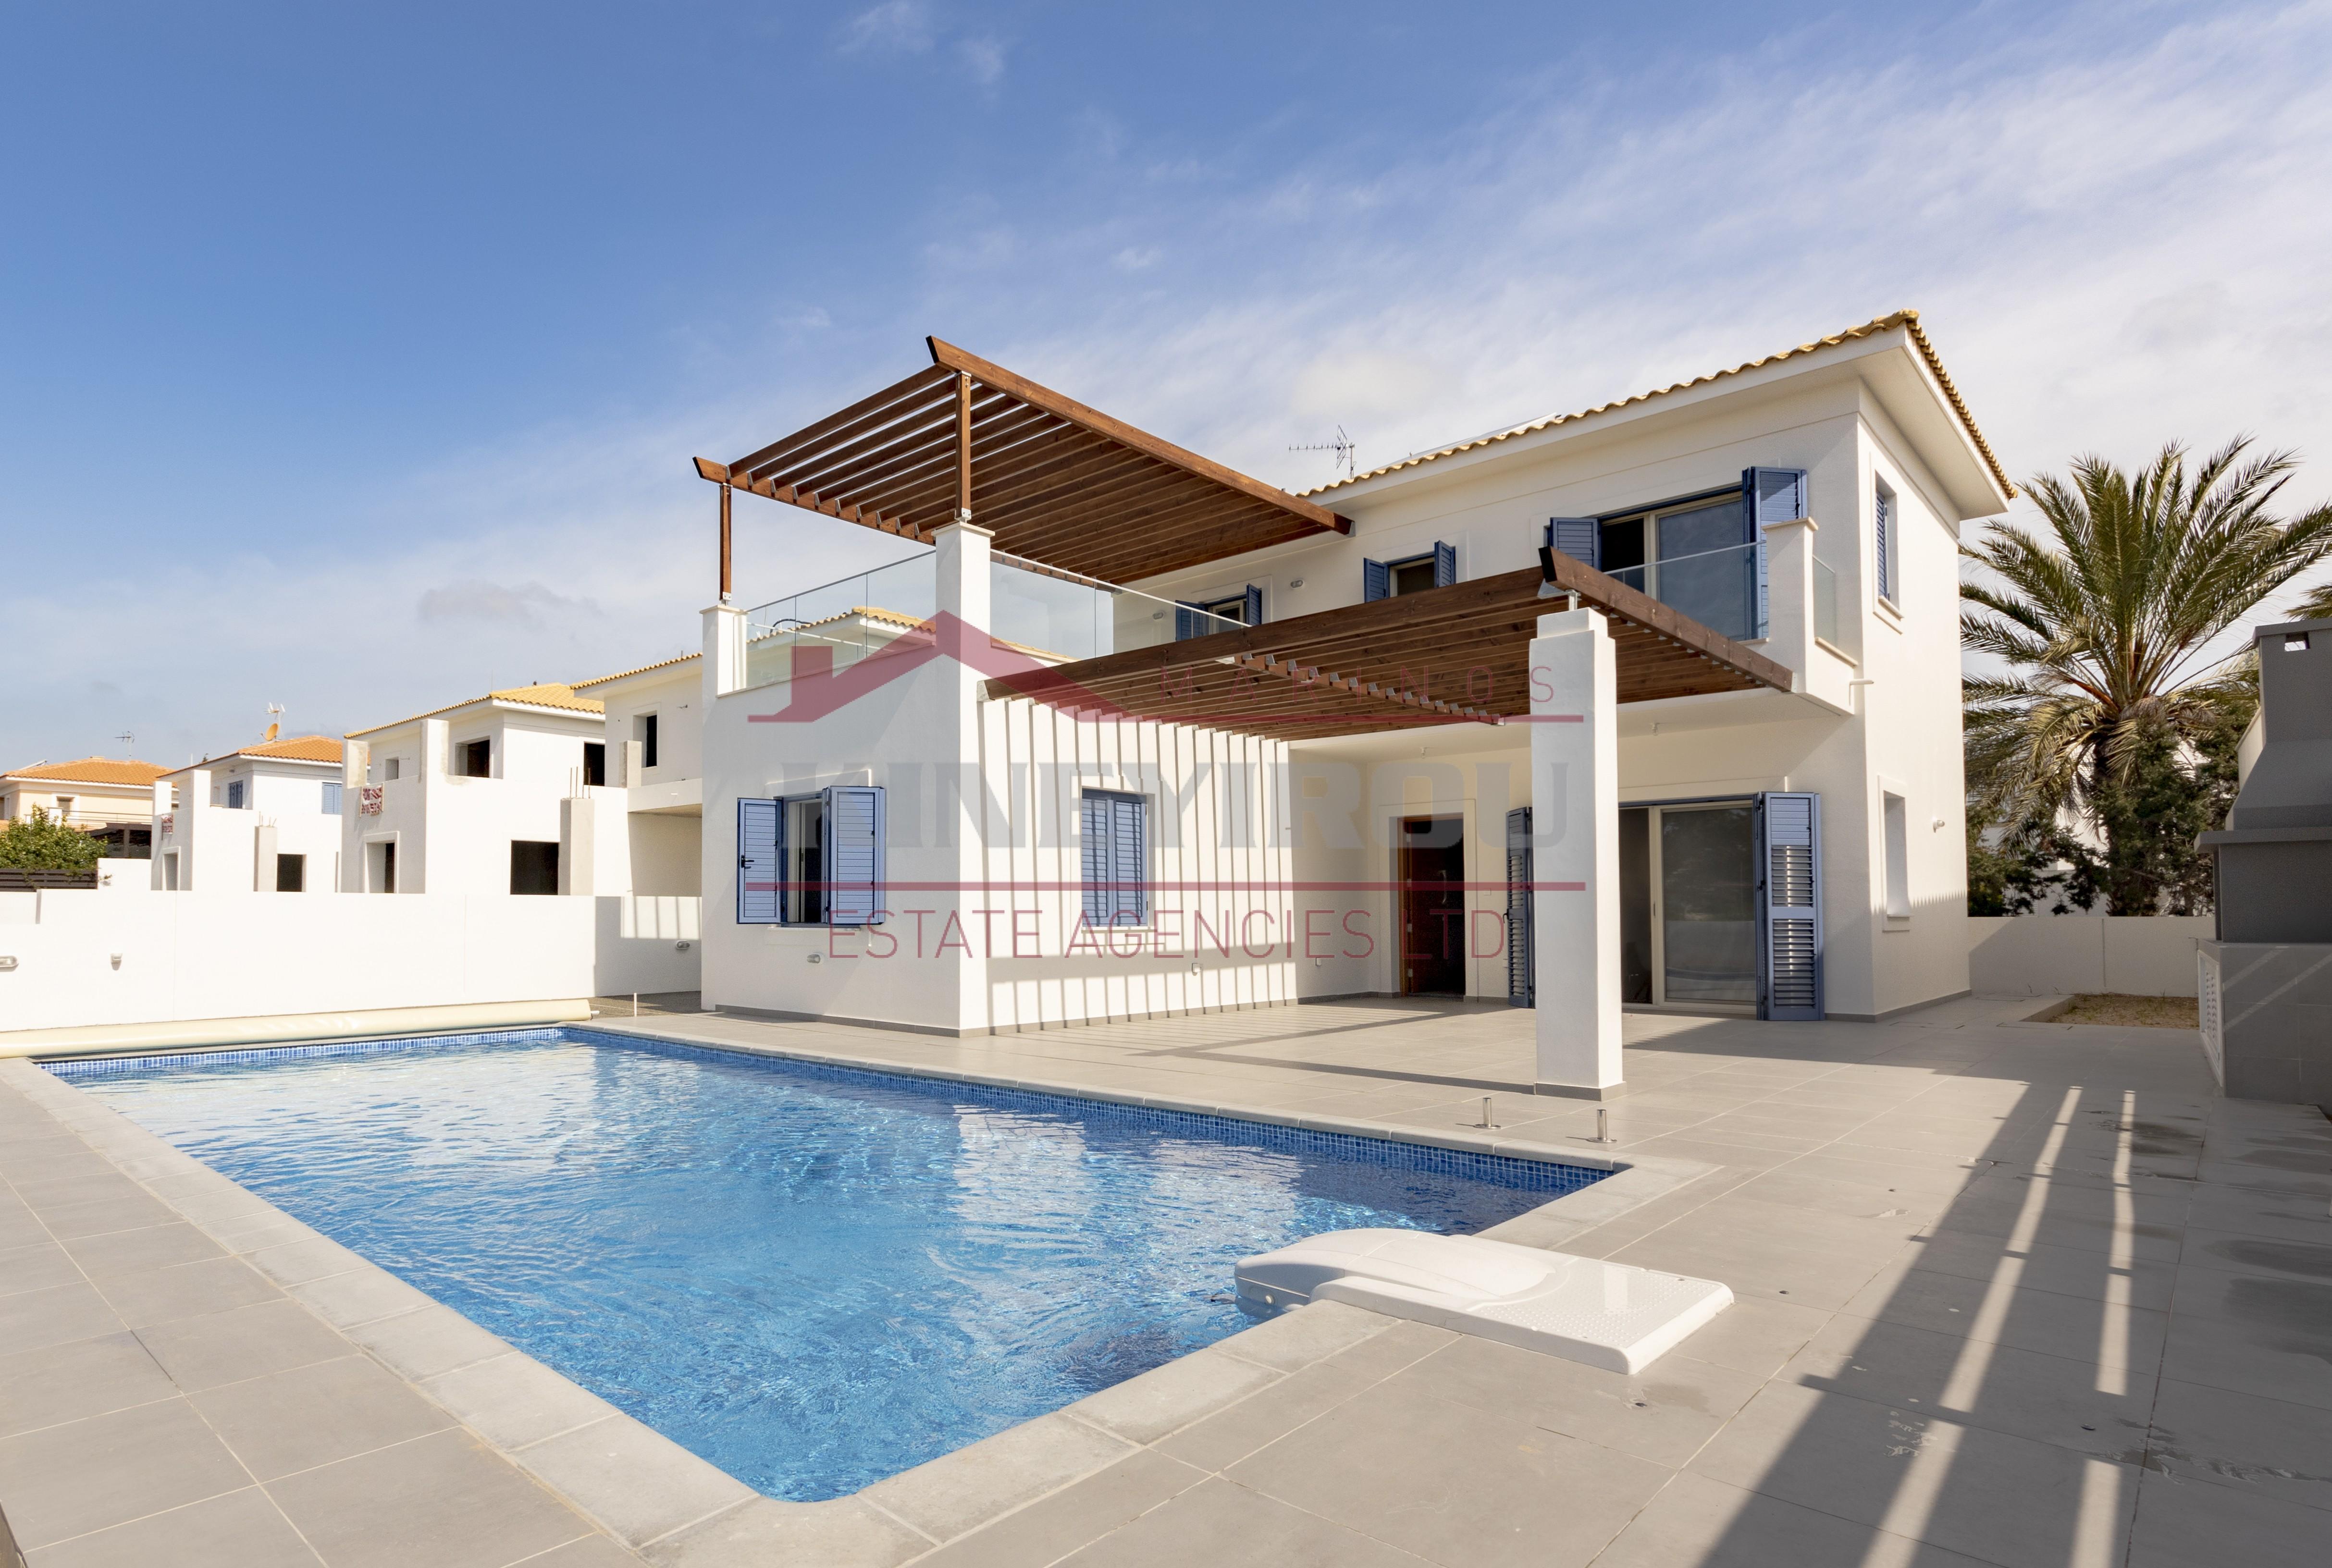 3 Bedroom House near the beach in Perivolia